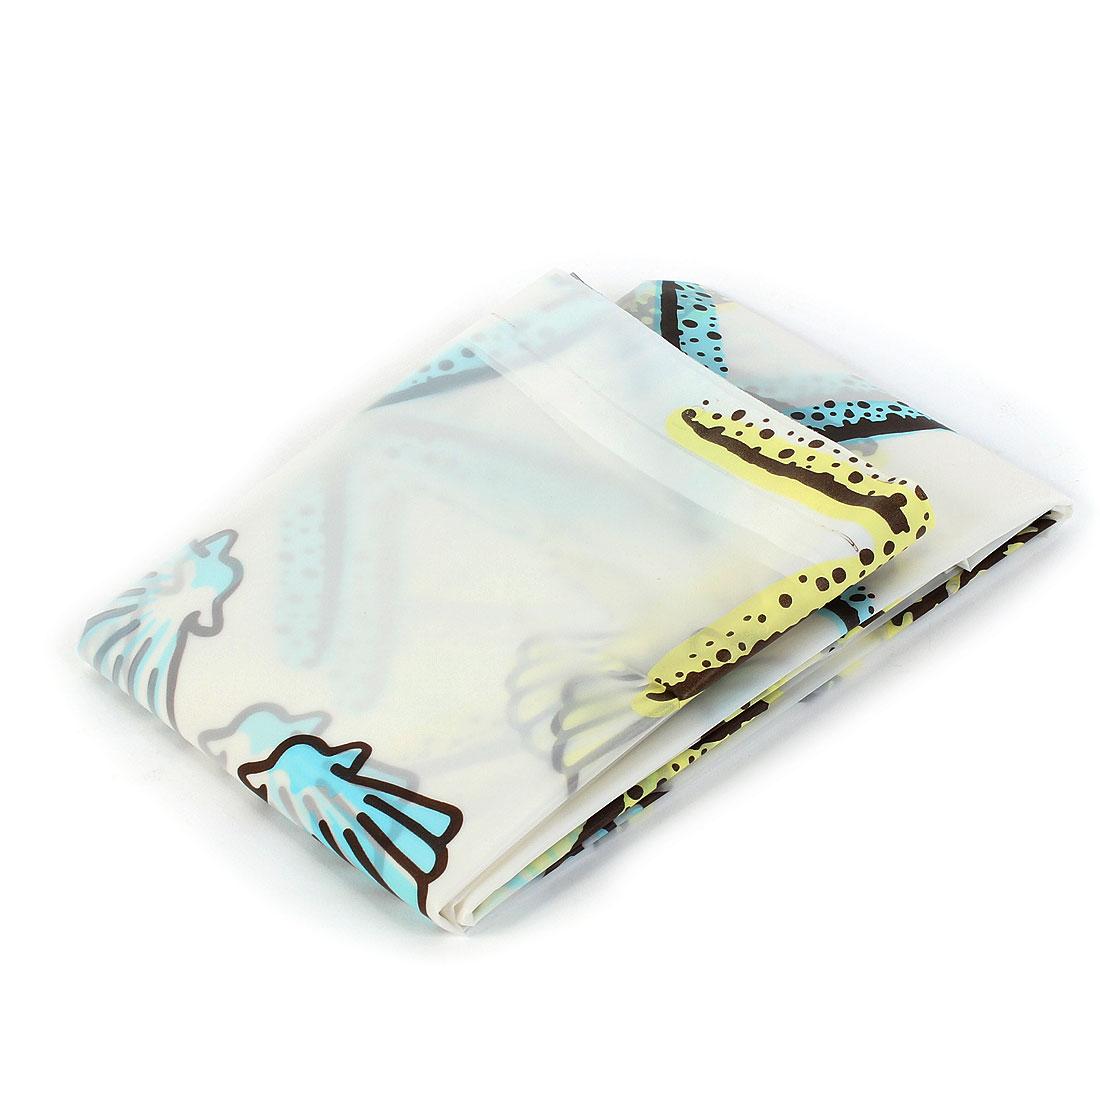 Bathroom Sea Shells Pattern Waterproof Shower Curtain 180 x 180cm w Hooks